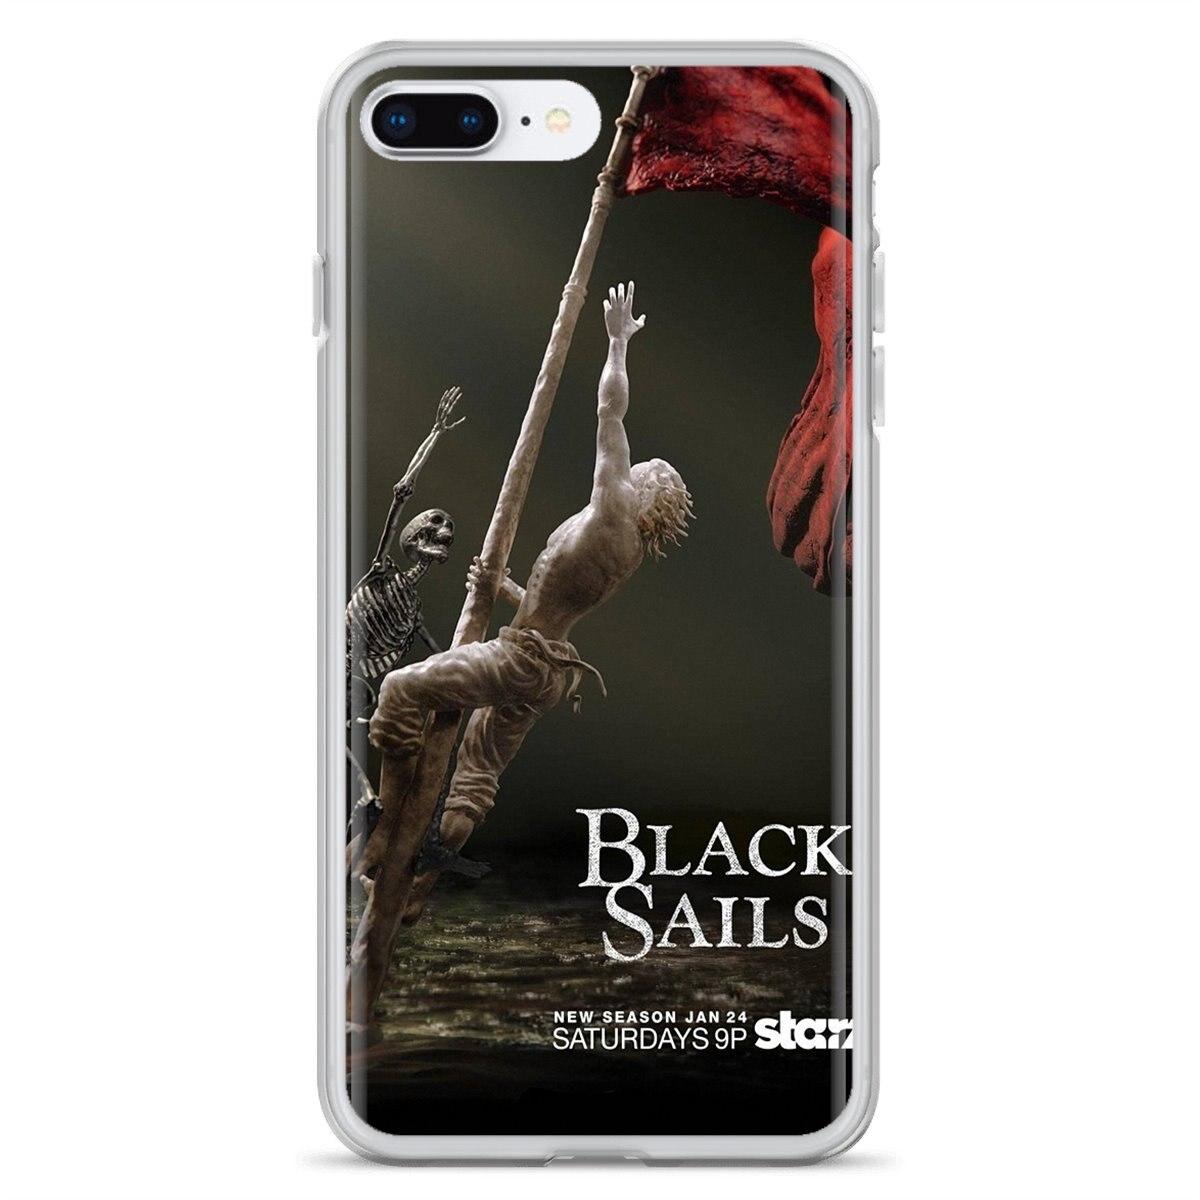 Black Sails For Samsung Galaxy A3 A5 A7 A9 A8 Star Lite A6 Plus 2018 2015 2016 2017 Poster Silicone Phone Case